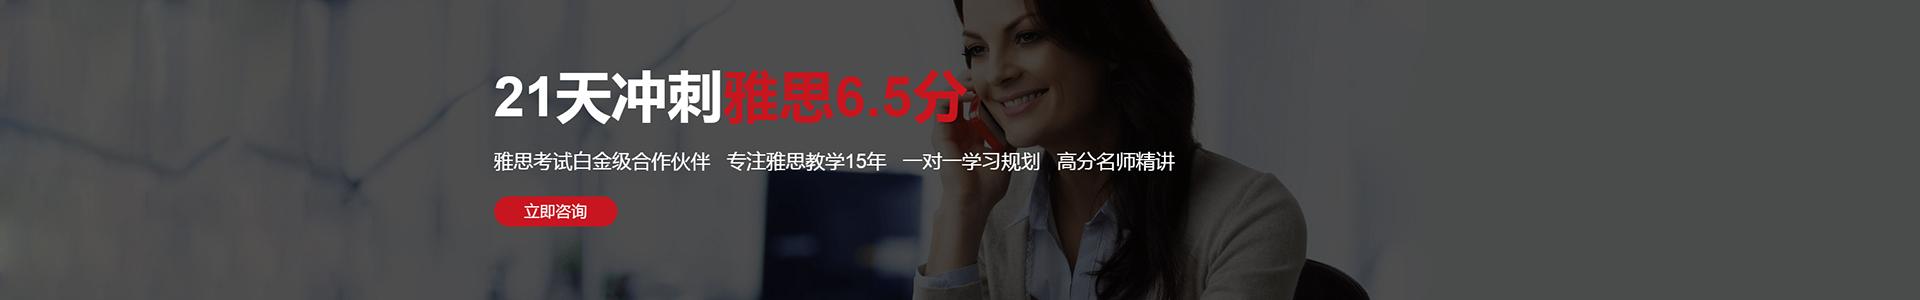 广州学为贵雅思培训